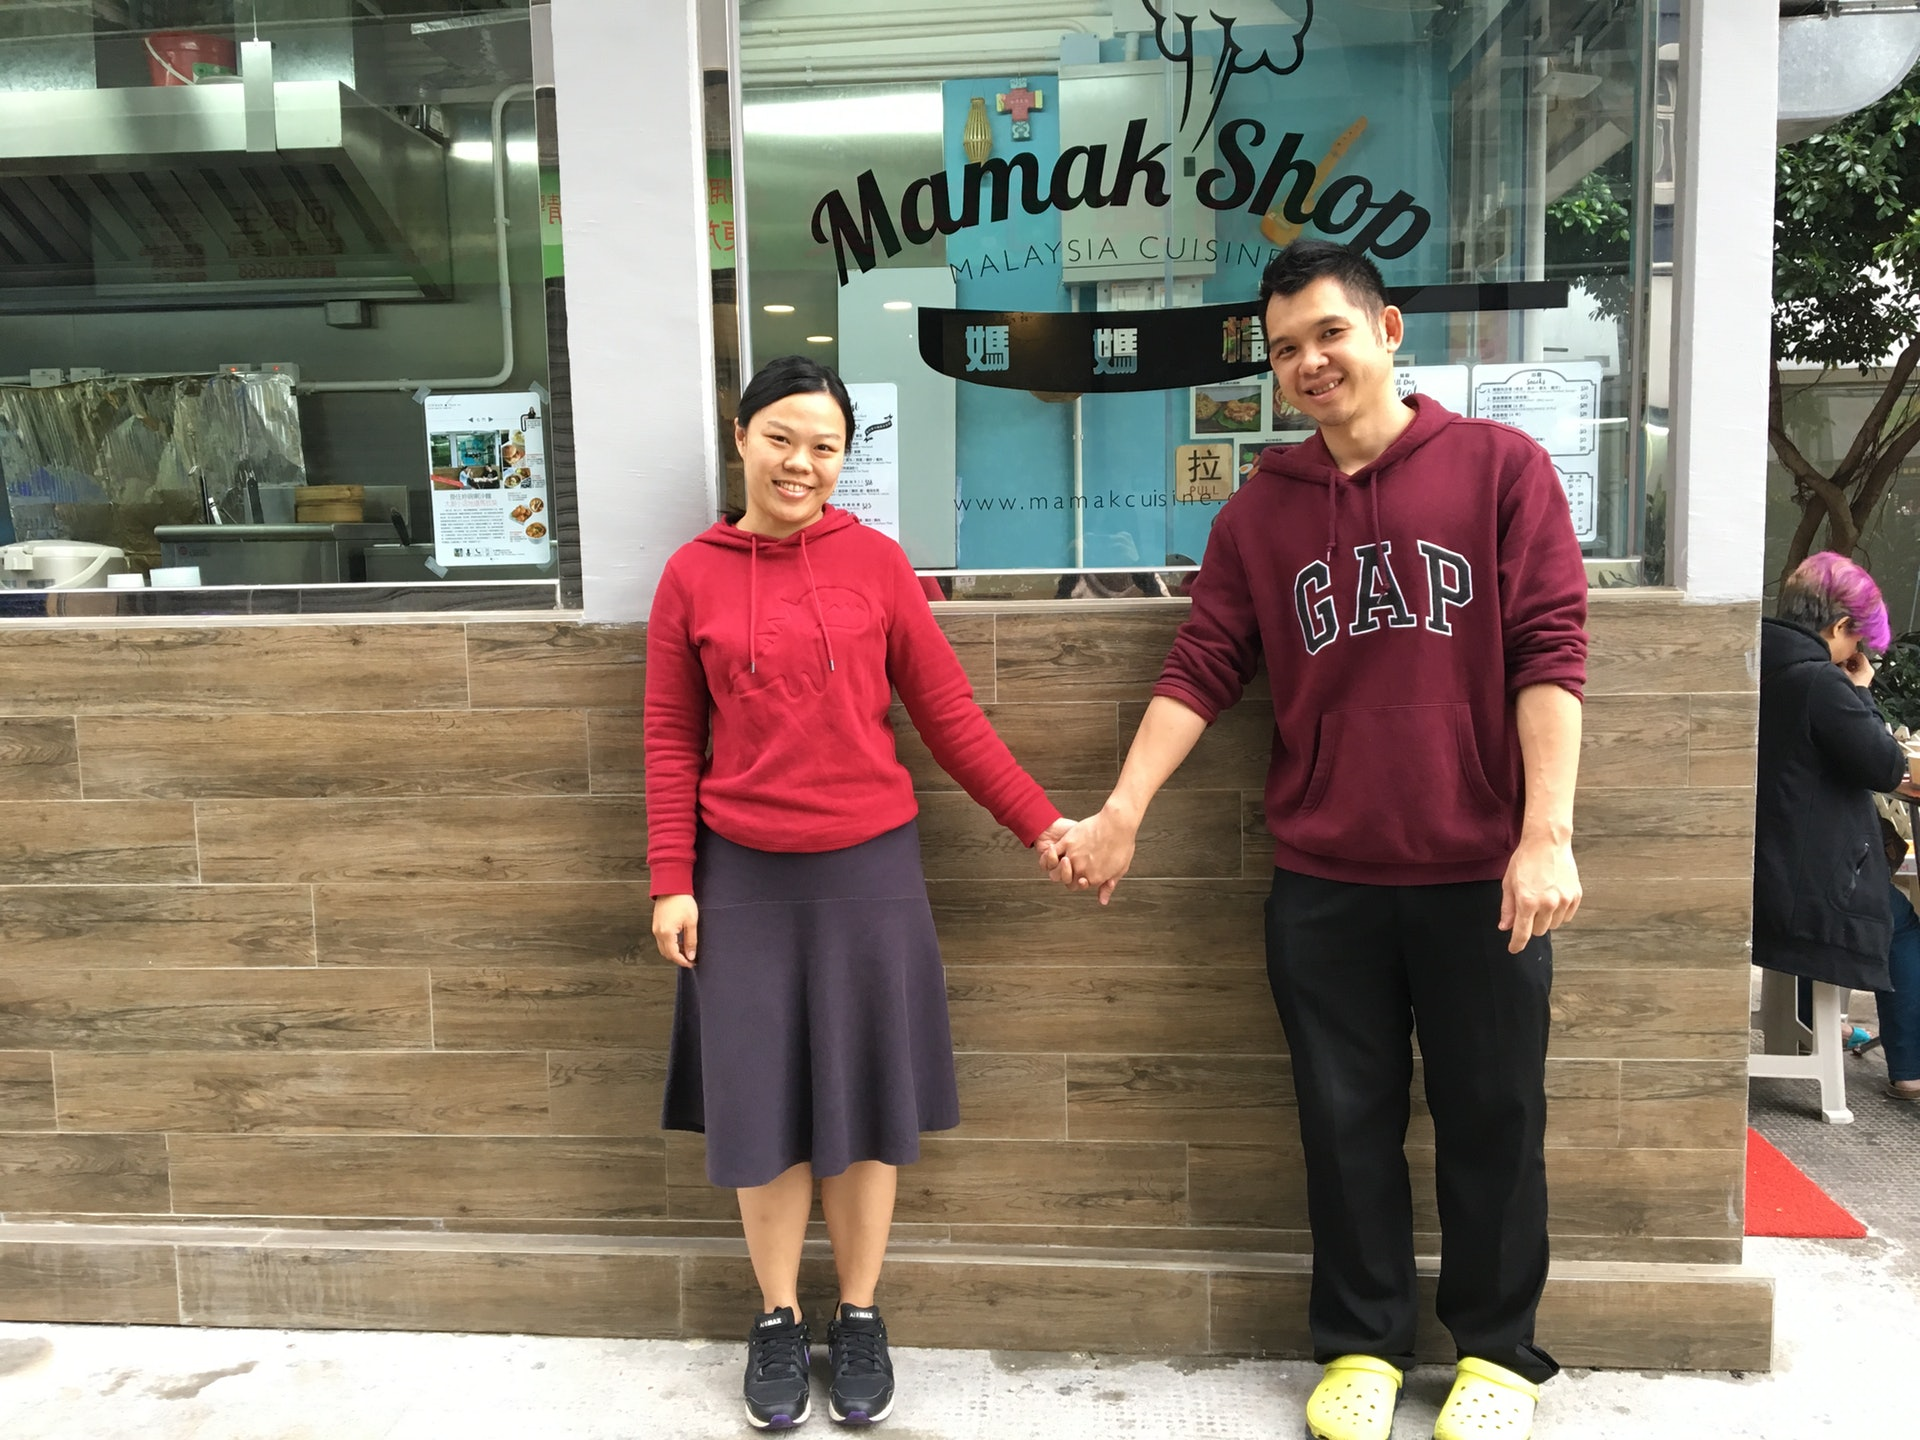 媽媽檔由「過江龍」店主阿傑(右)和太太Joanna(左)一起經營。(王淑君攝)